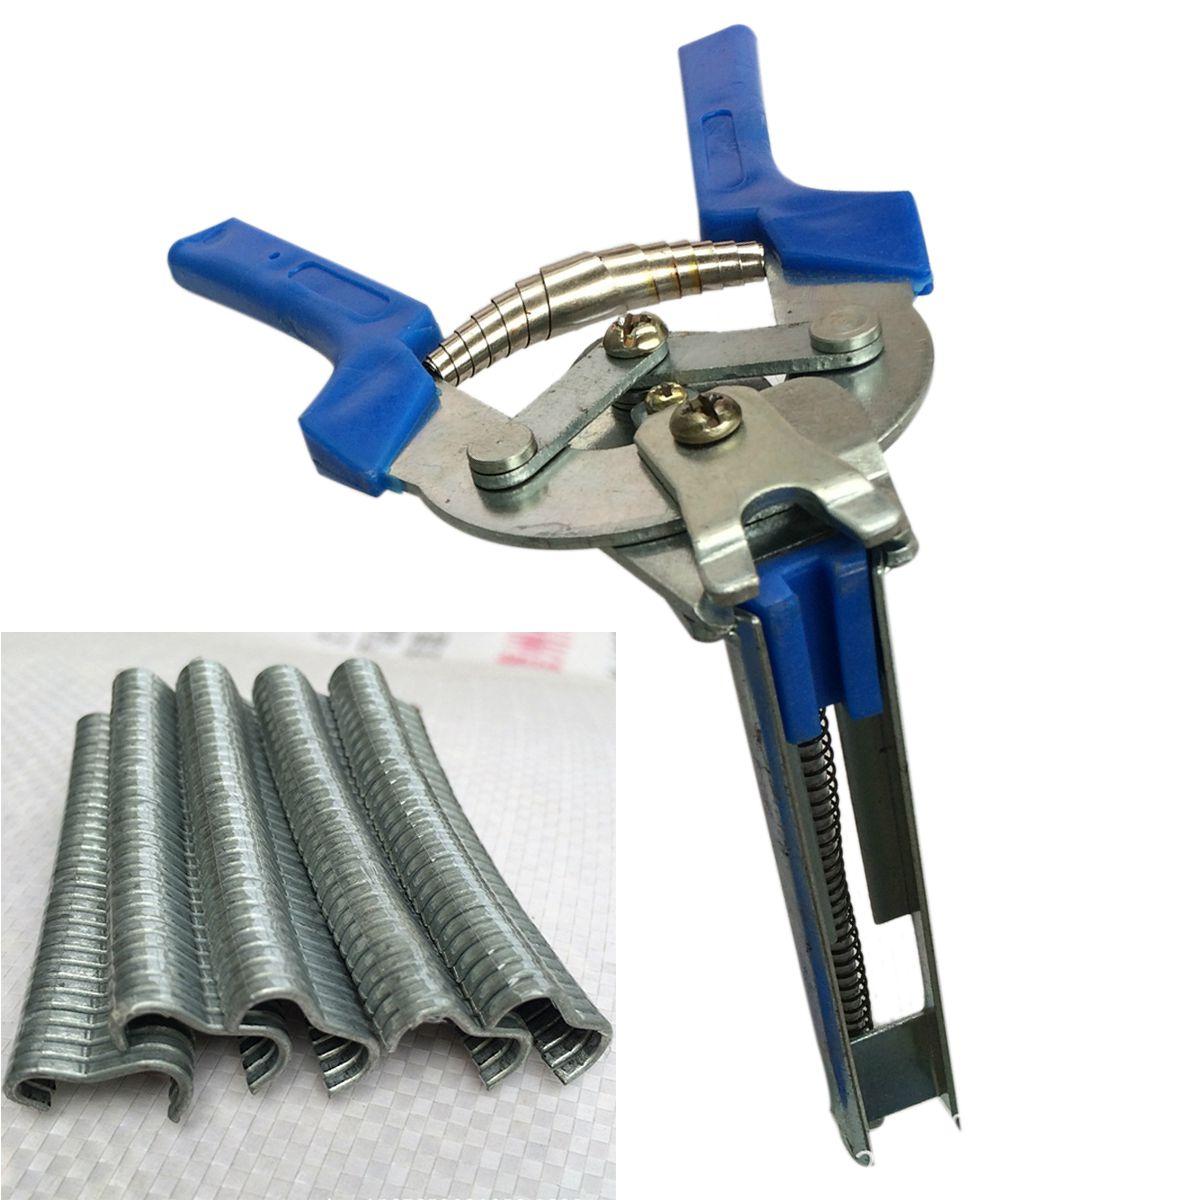 Werkzeuge Hart Arbeitend 1 Stück Hog Ring Zange Werkzeug Und 600 Stücke M Clips Huhn Mesh Käfig Draht Fechten Crimpen Solder Joint Schweißen Reparatur Hand Werkzeuge